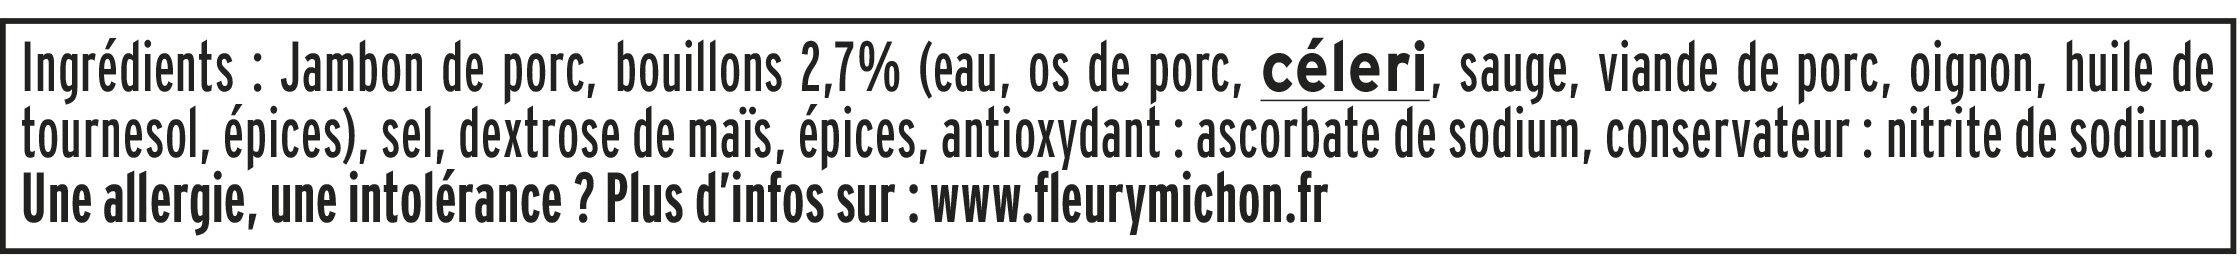 Le supérieur nature - tranches fines-  25% de sel* - 6 tranches - Ingredienti - fr